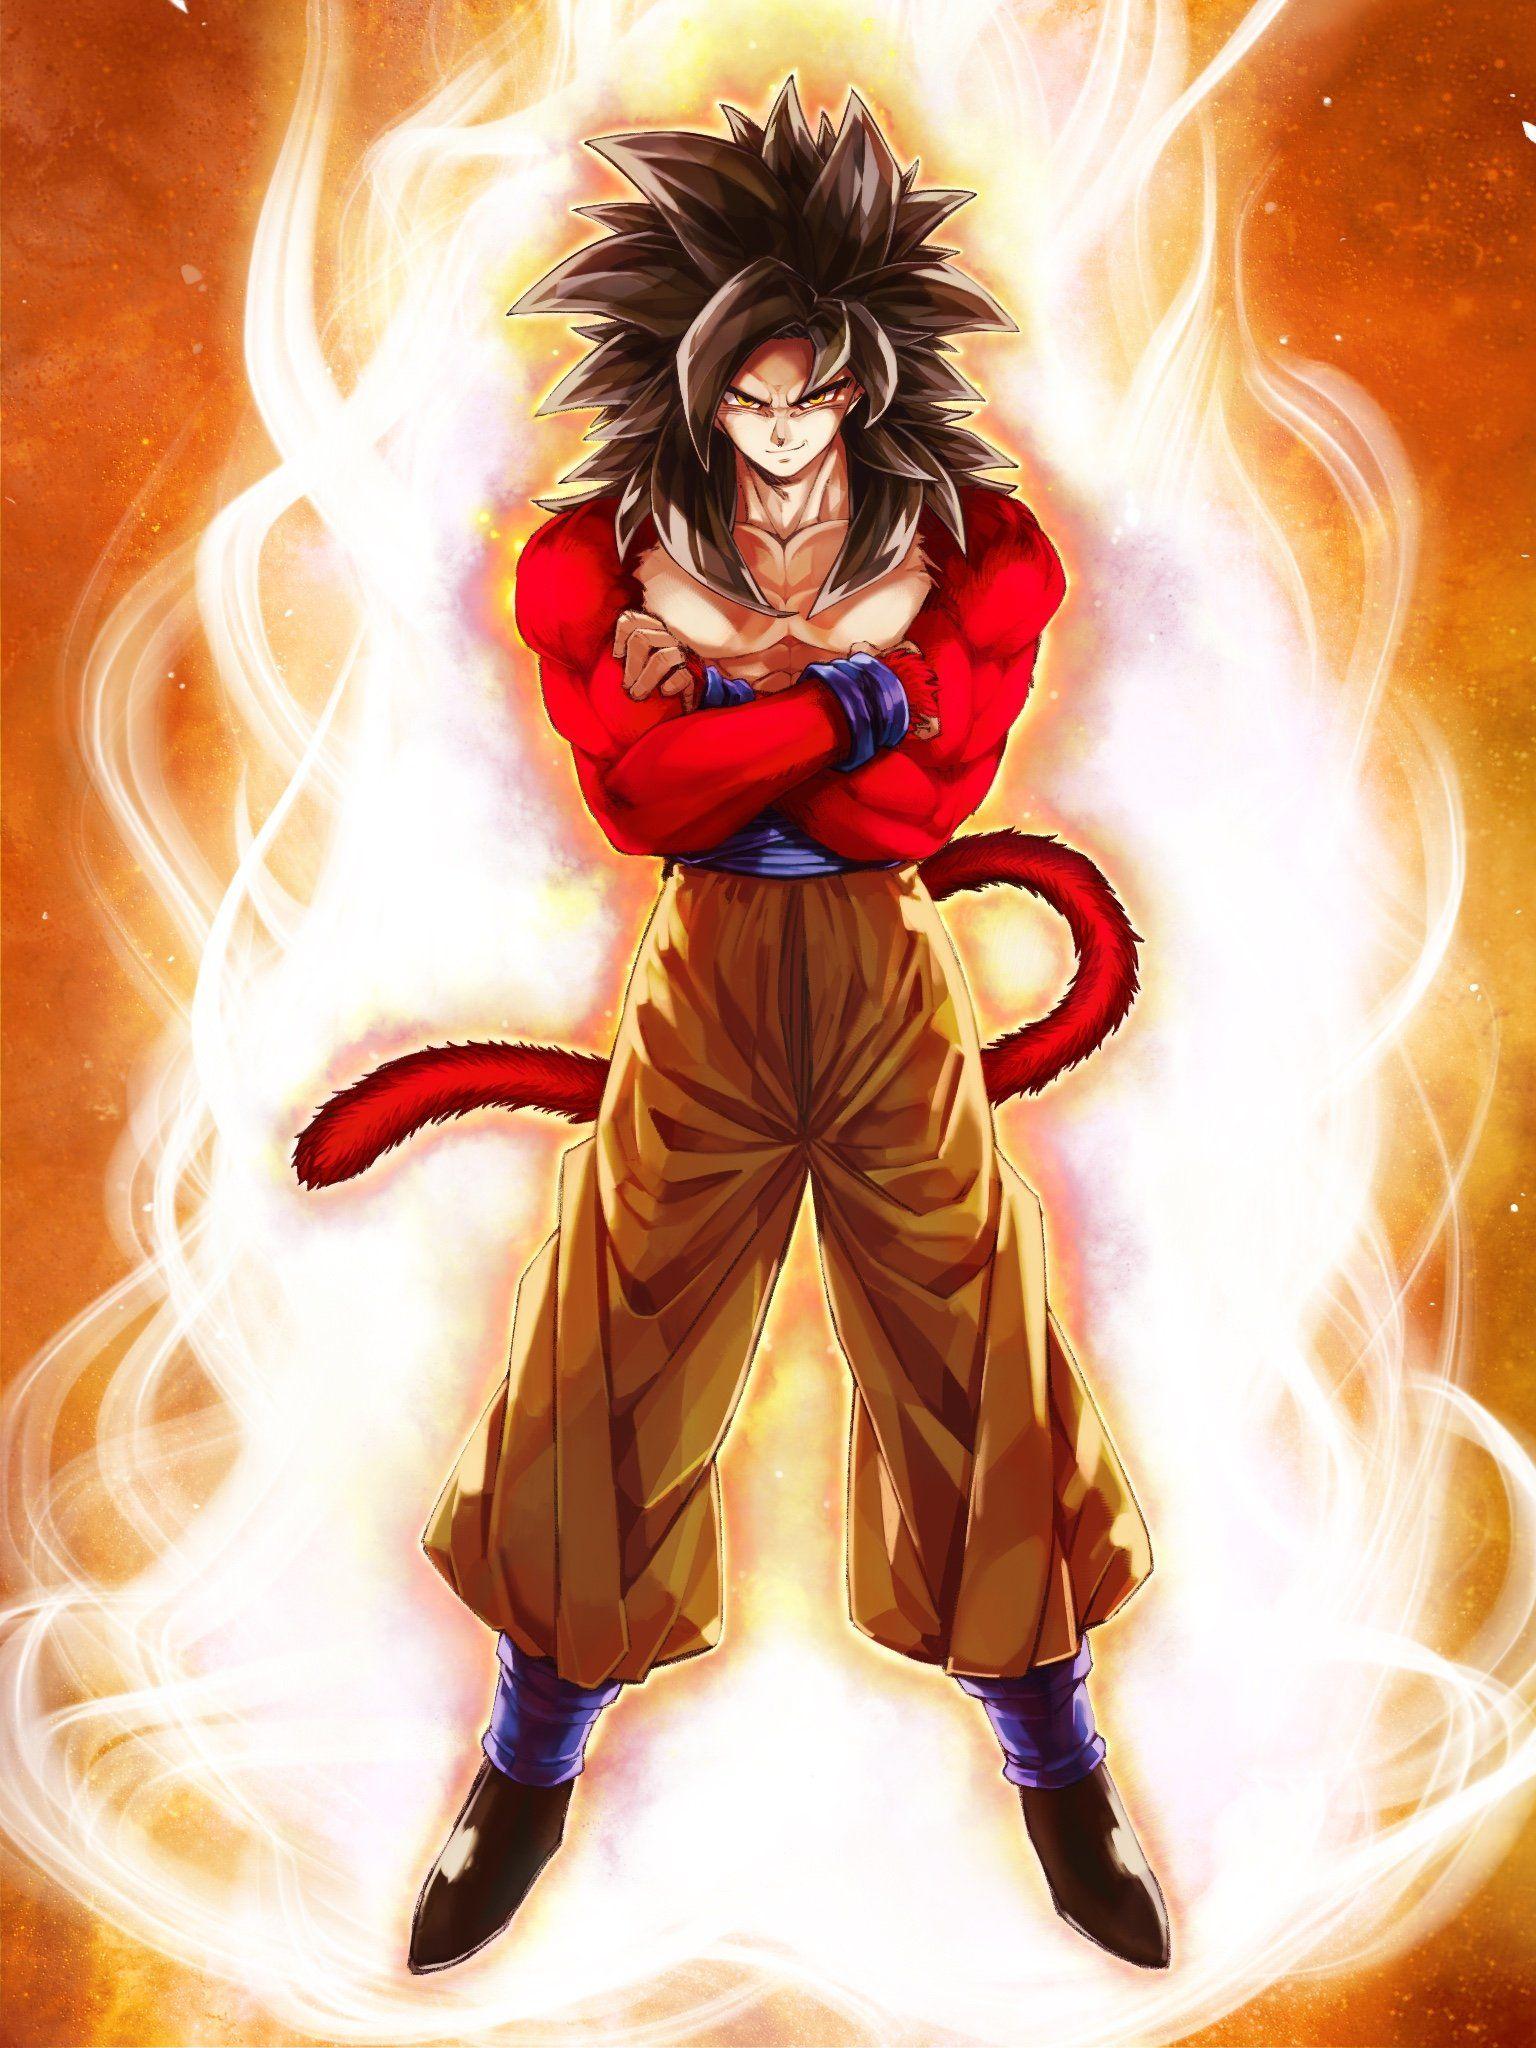 Super Saiyan 4 Ssj4 Goku Gt Anime Dragon Ball Super Dragon Ball Super Artwork Dragon Ball Goku